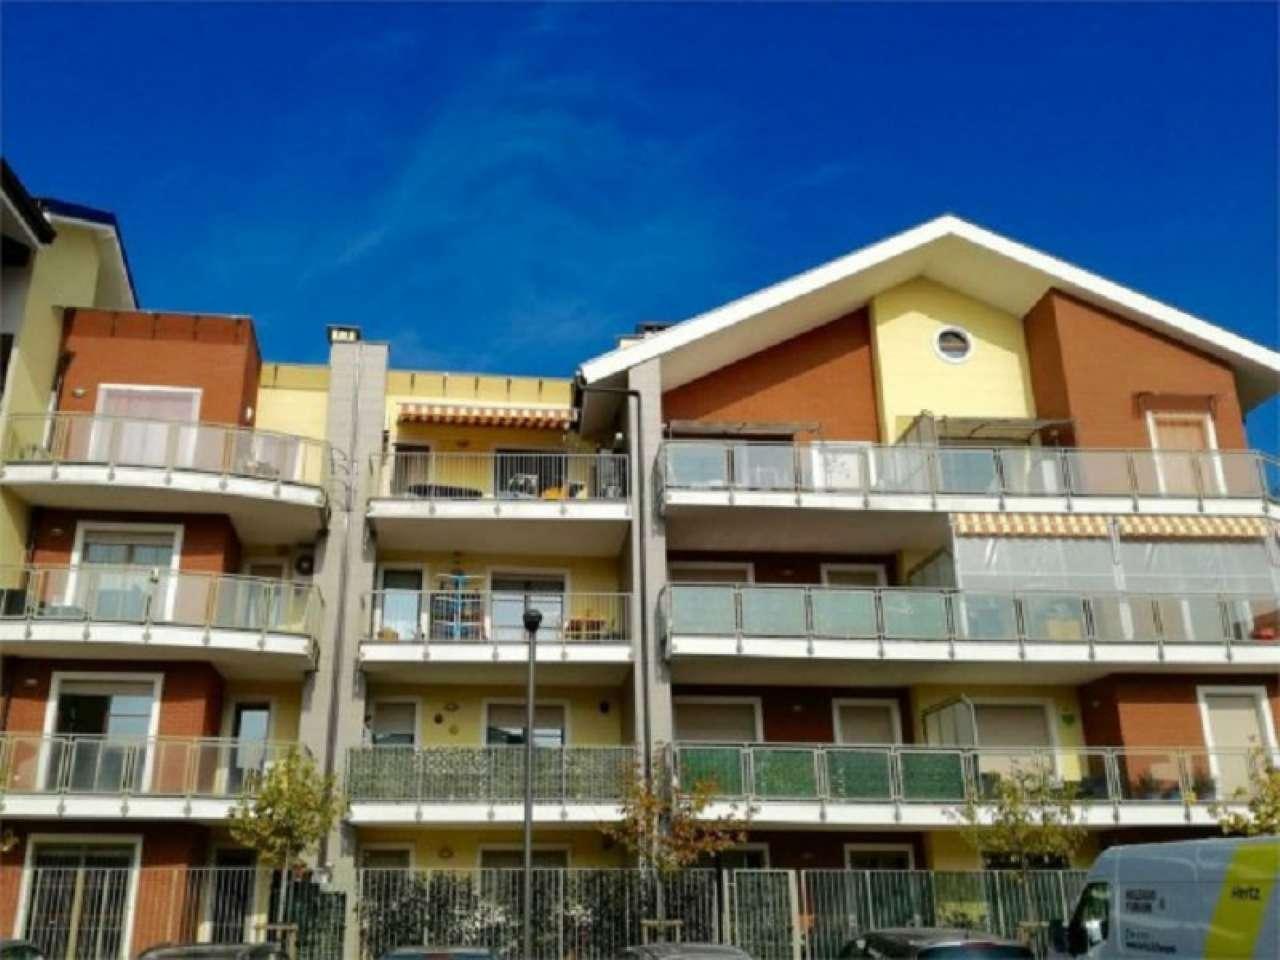 Attico / Mansarda in vendita a Moncalieri, 4 locali, prezzo € 208.000 | CambioCasa.it